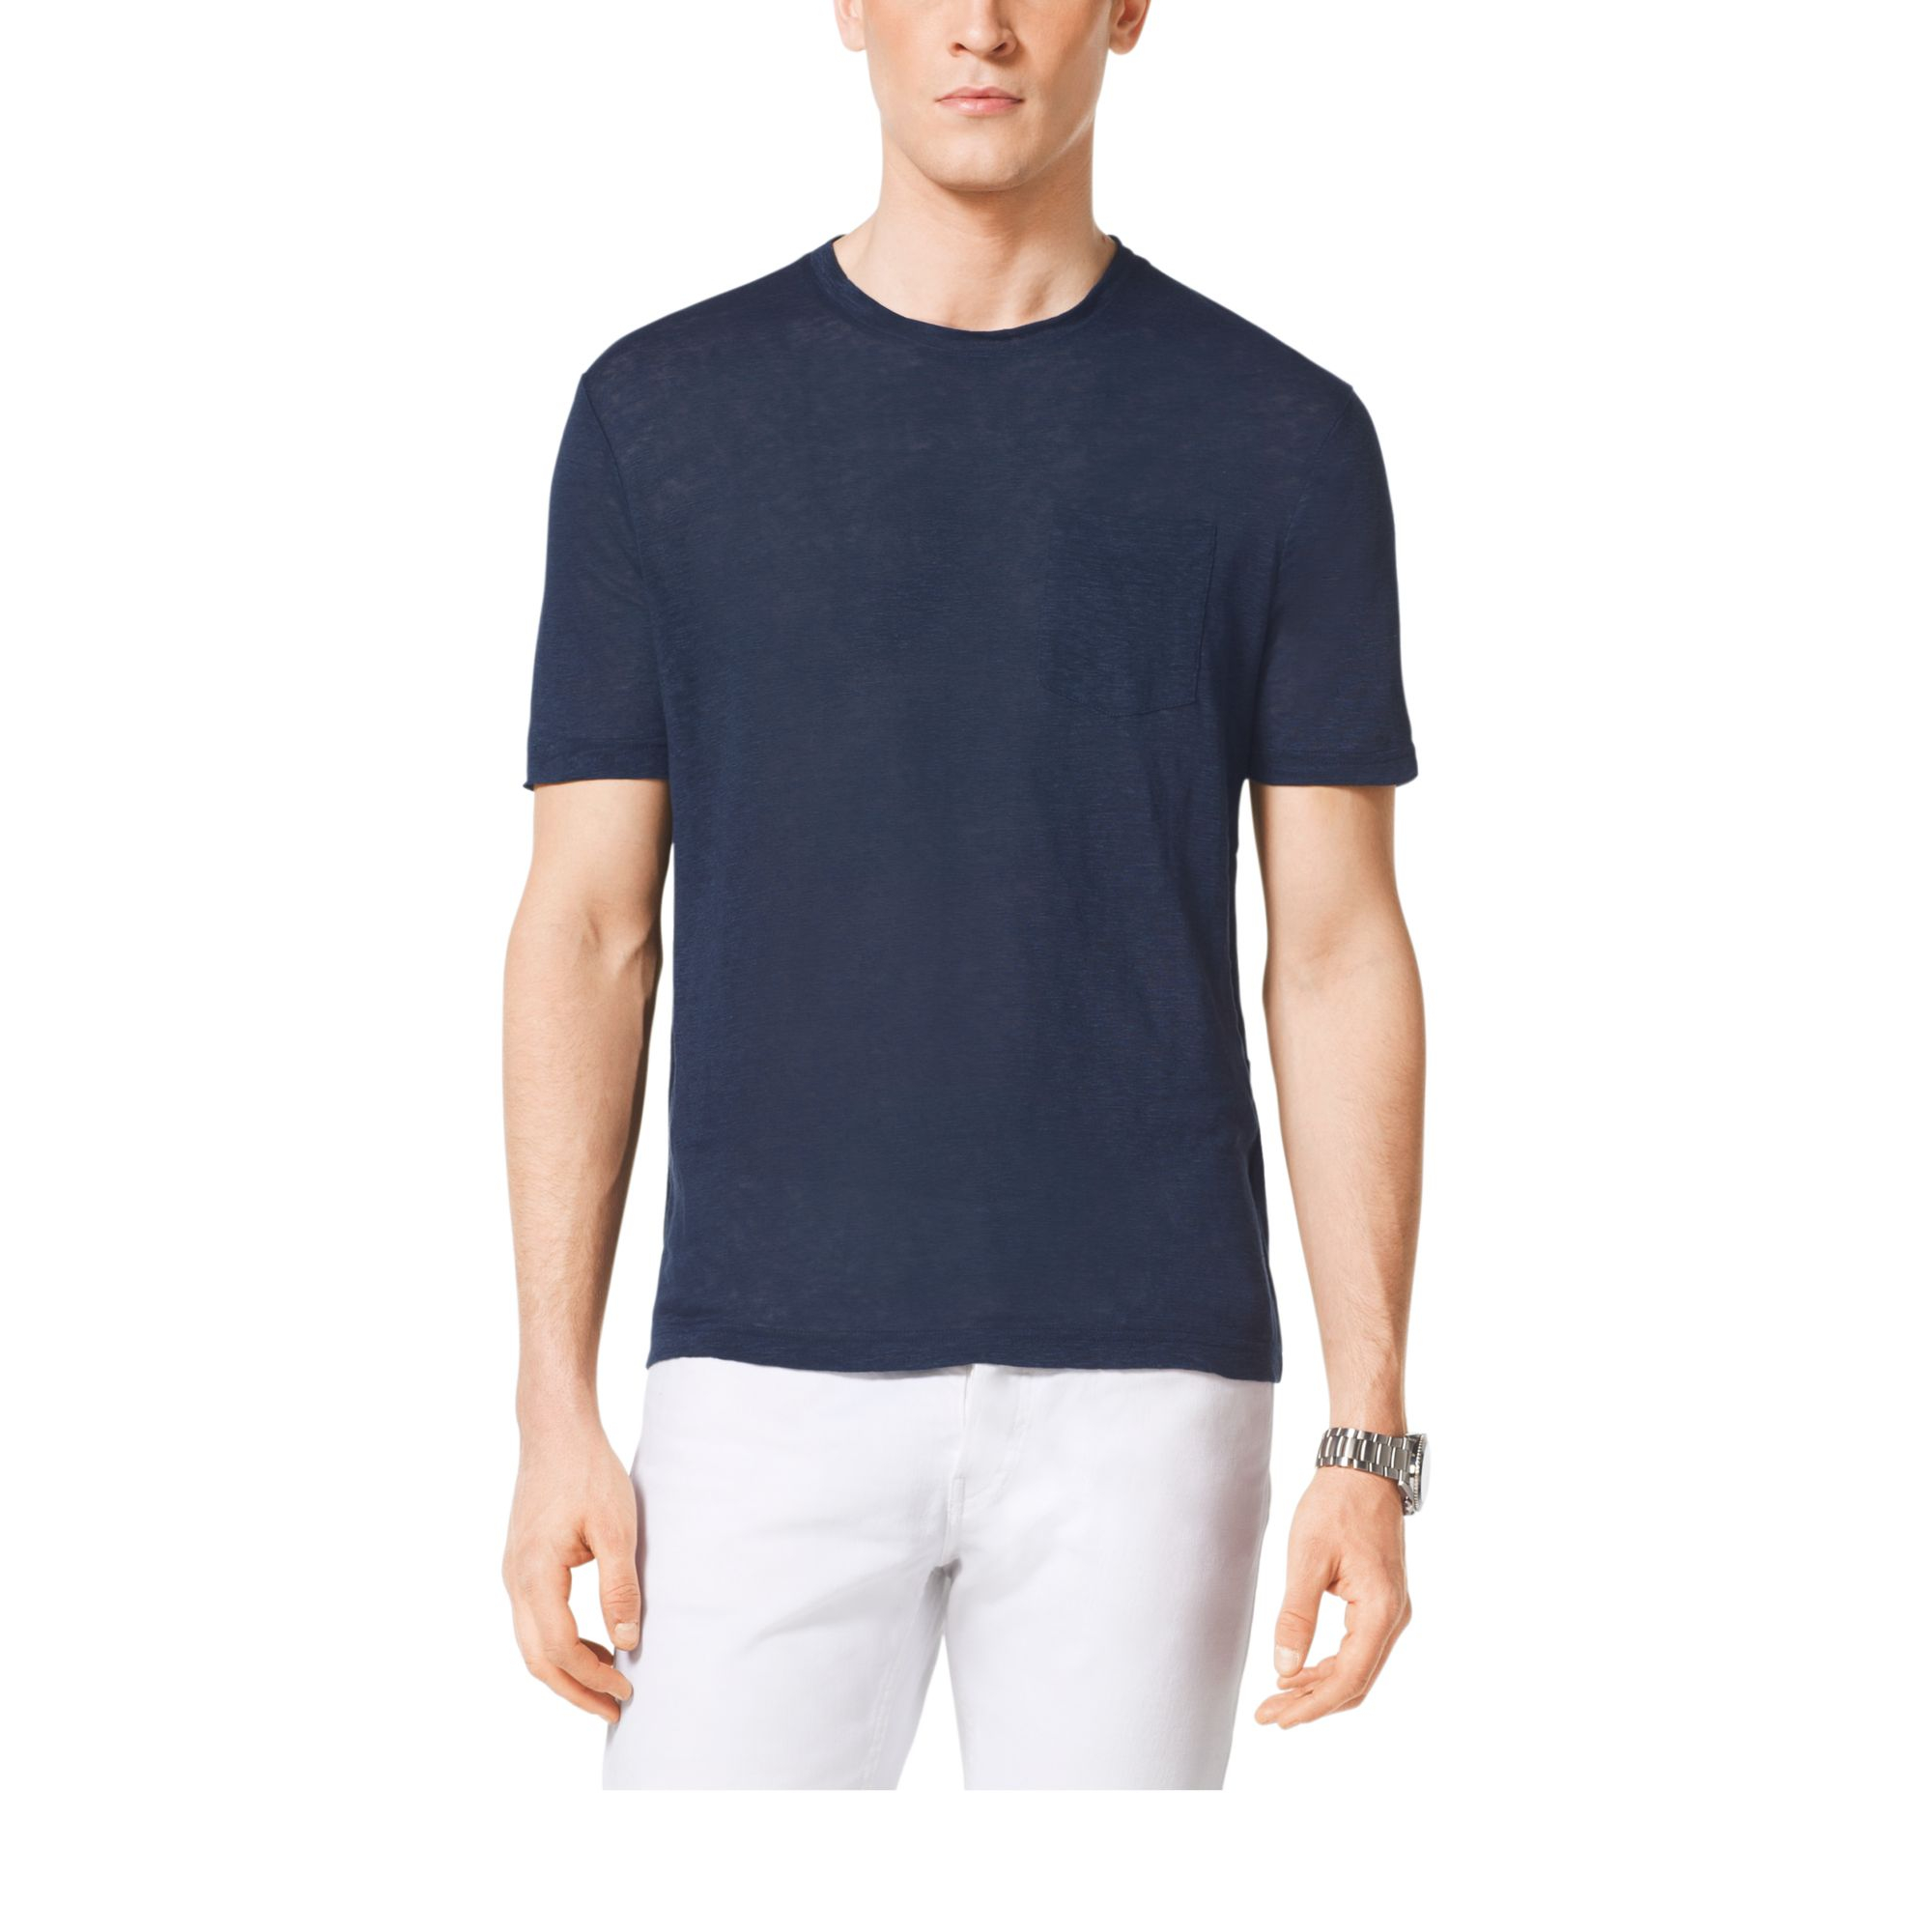 michael kors linen crewneck t shirt in blue for men. Black Bedroom Furniture Sets. Home Design Ideas